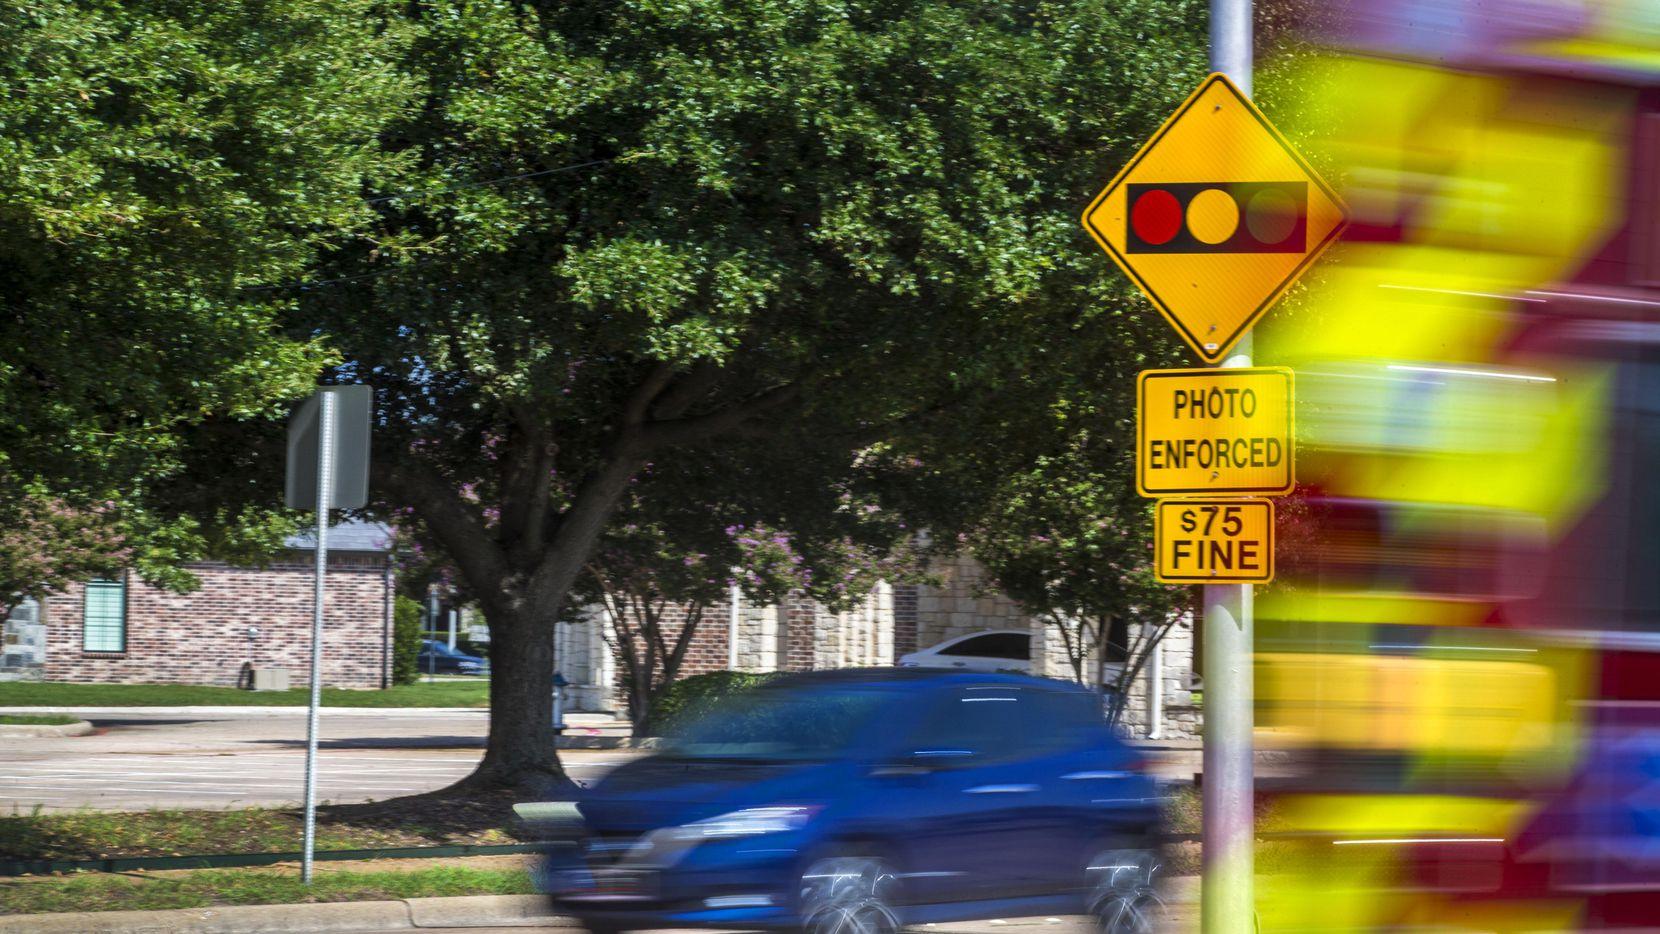 Un auto se acerca a la intersección de dos calles con semáforo vigilado por una cámara.(DMN)